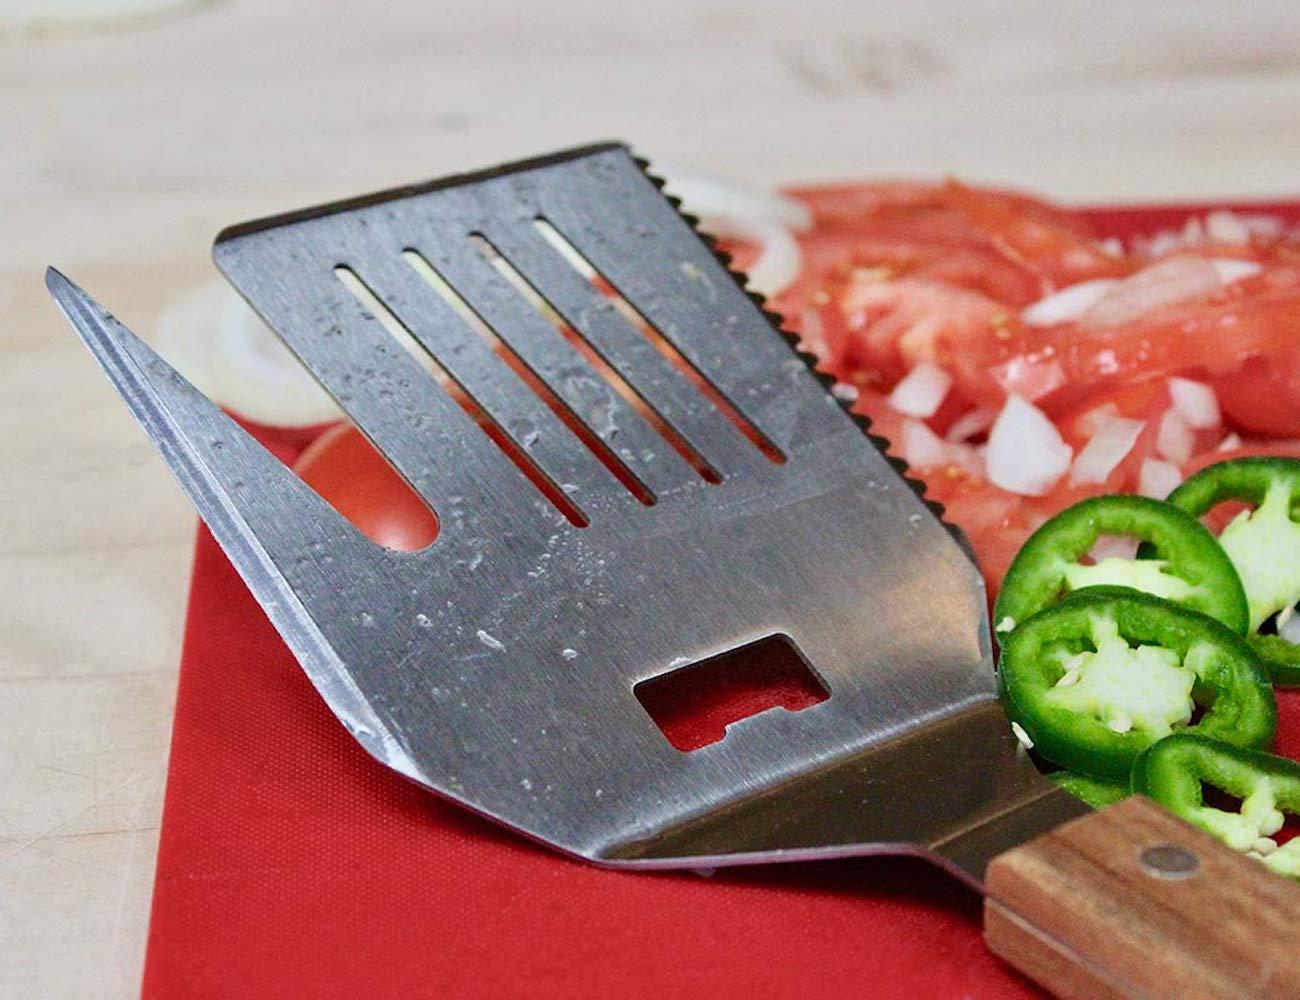 FlipFork Boss Versatile Grilling Tool combines five tools in one